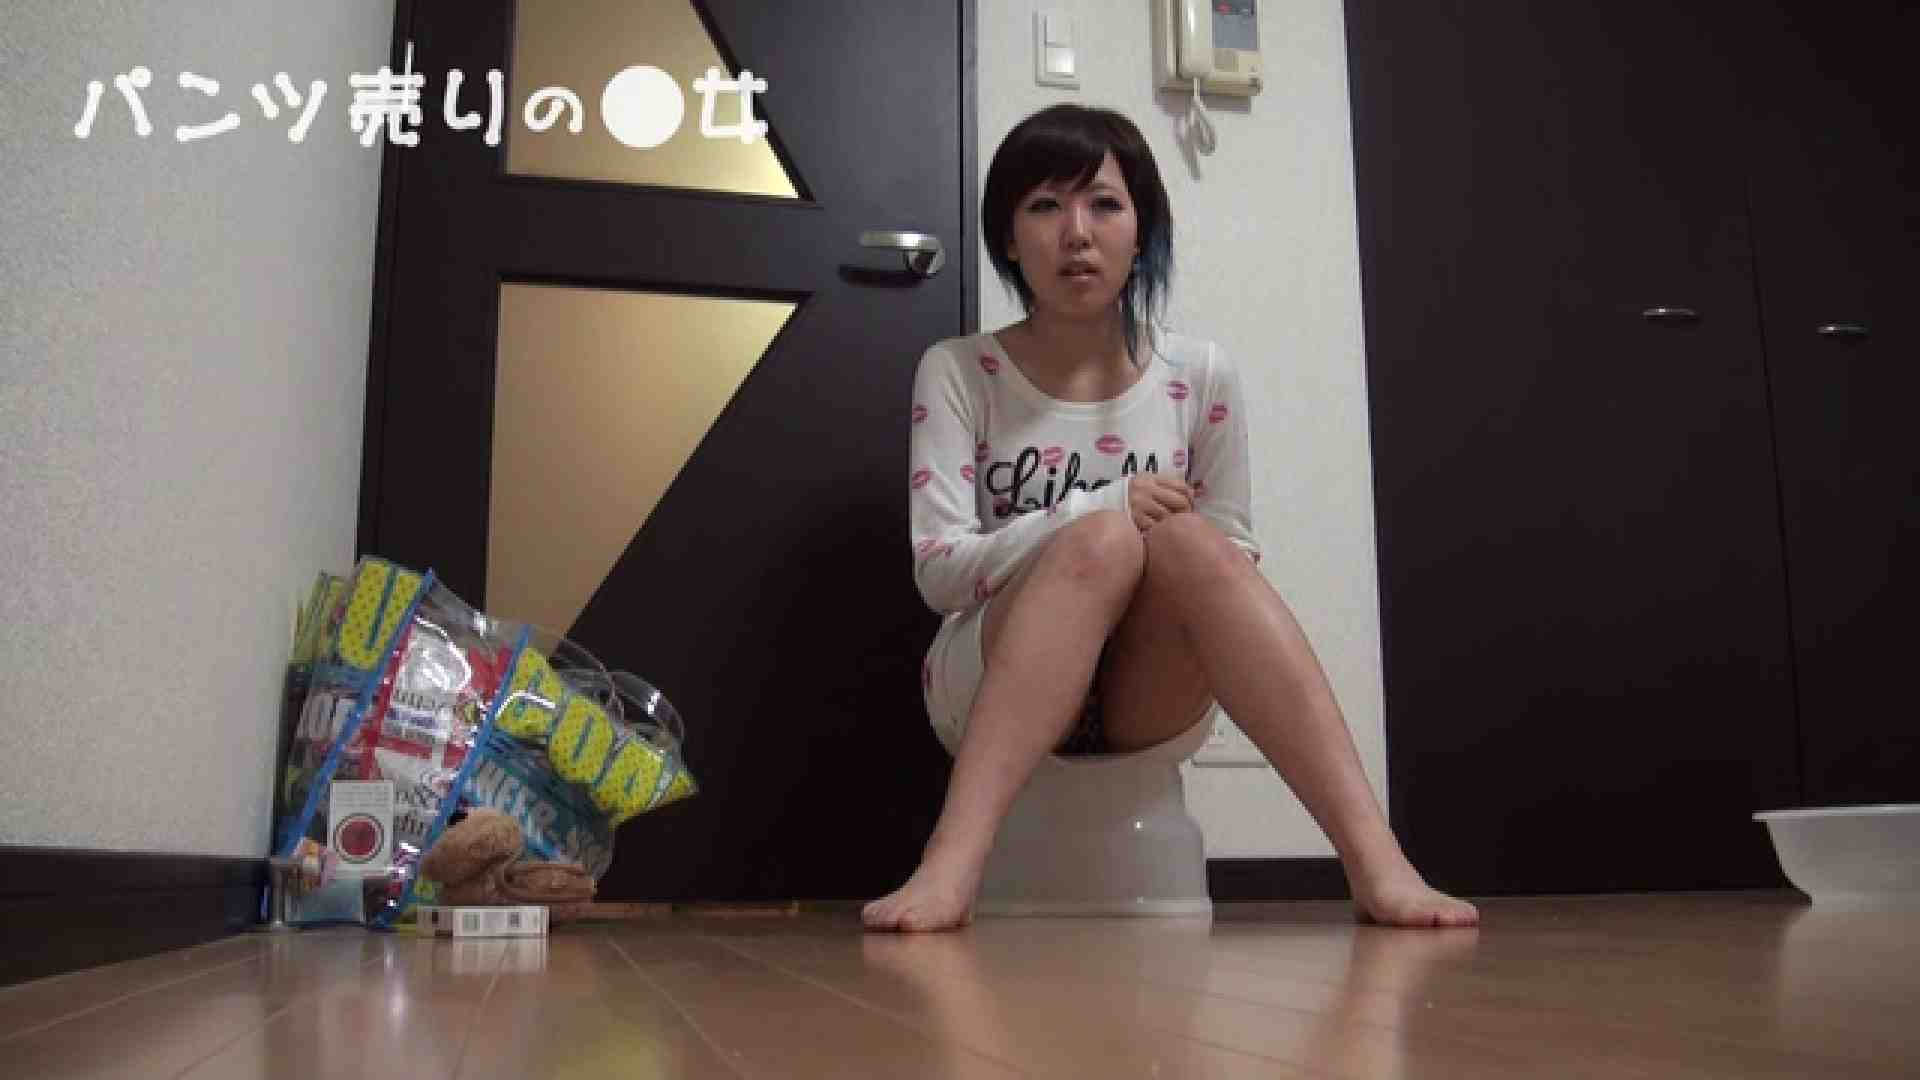 新説 パンツ売りの女の子nana パンツ   0  103連発 35